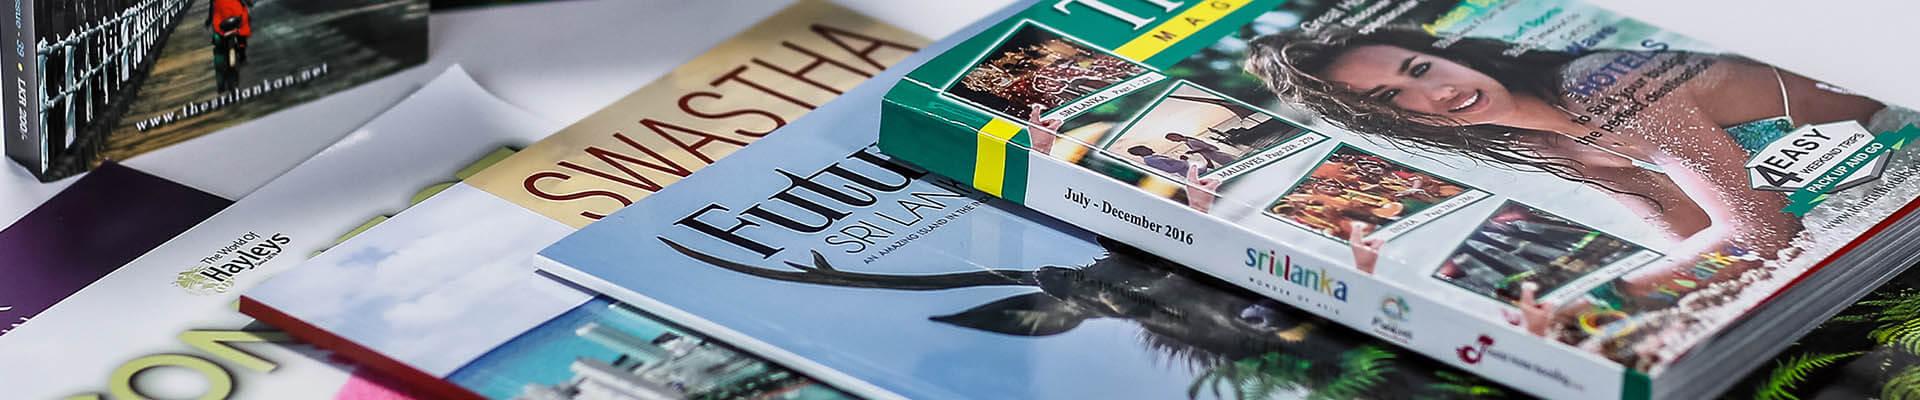 Magazines Printing in Sri Lanka | Gunaratne Offset +94 11 7627277